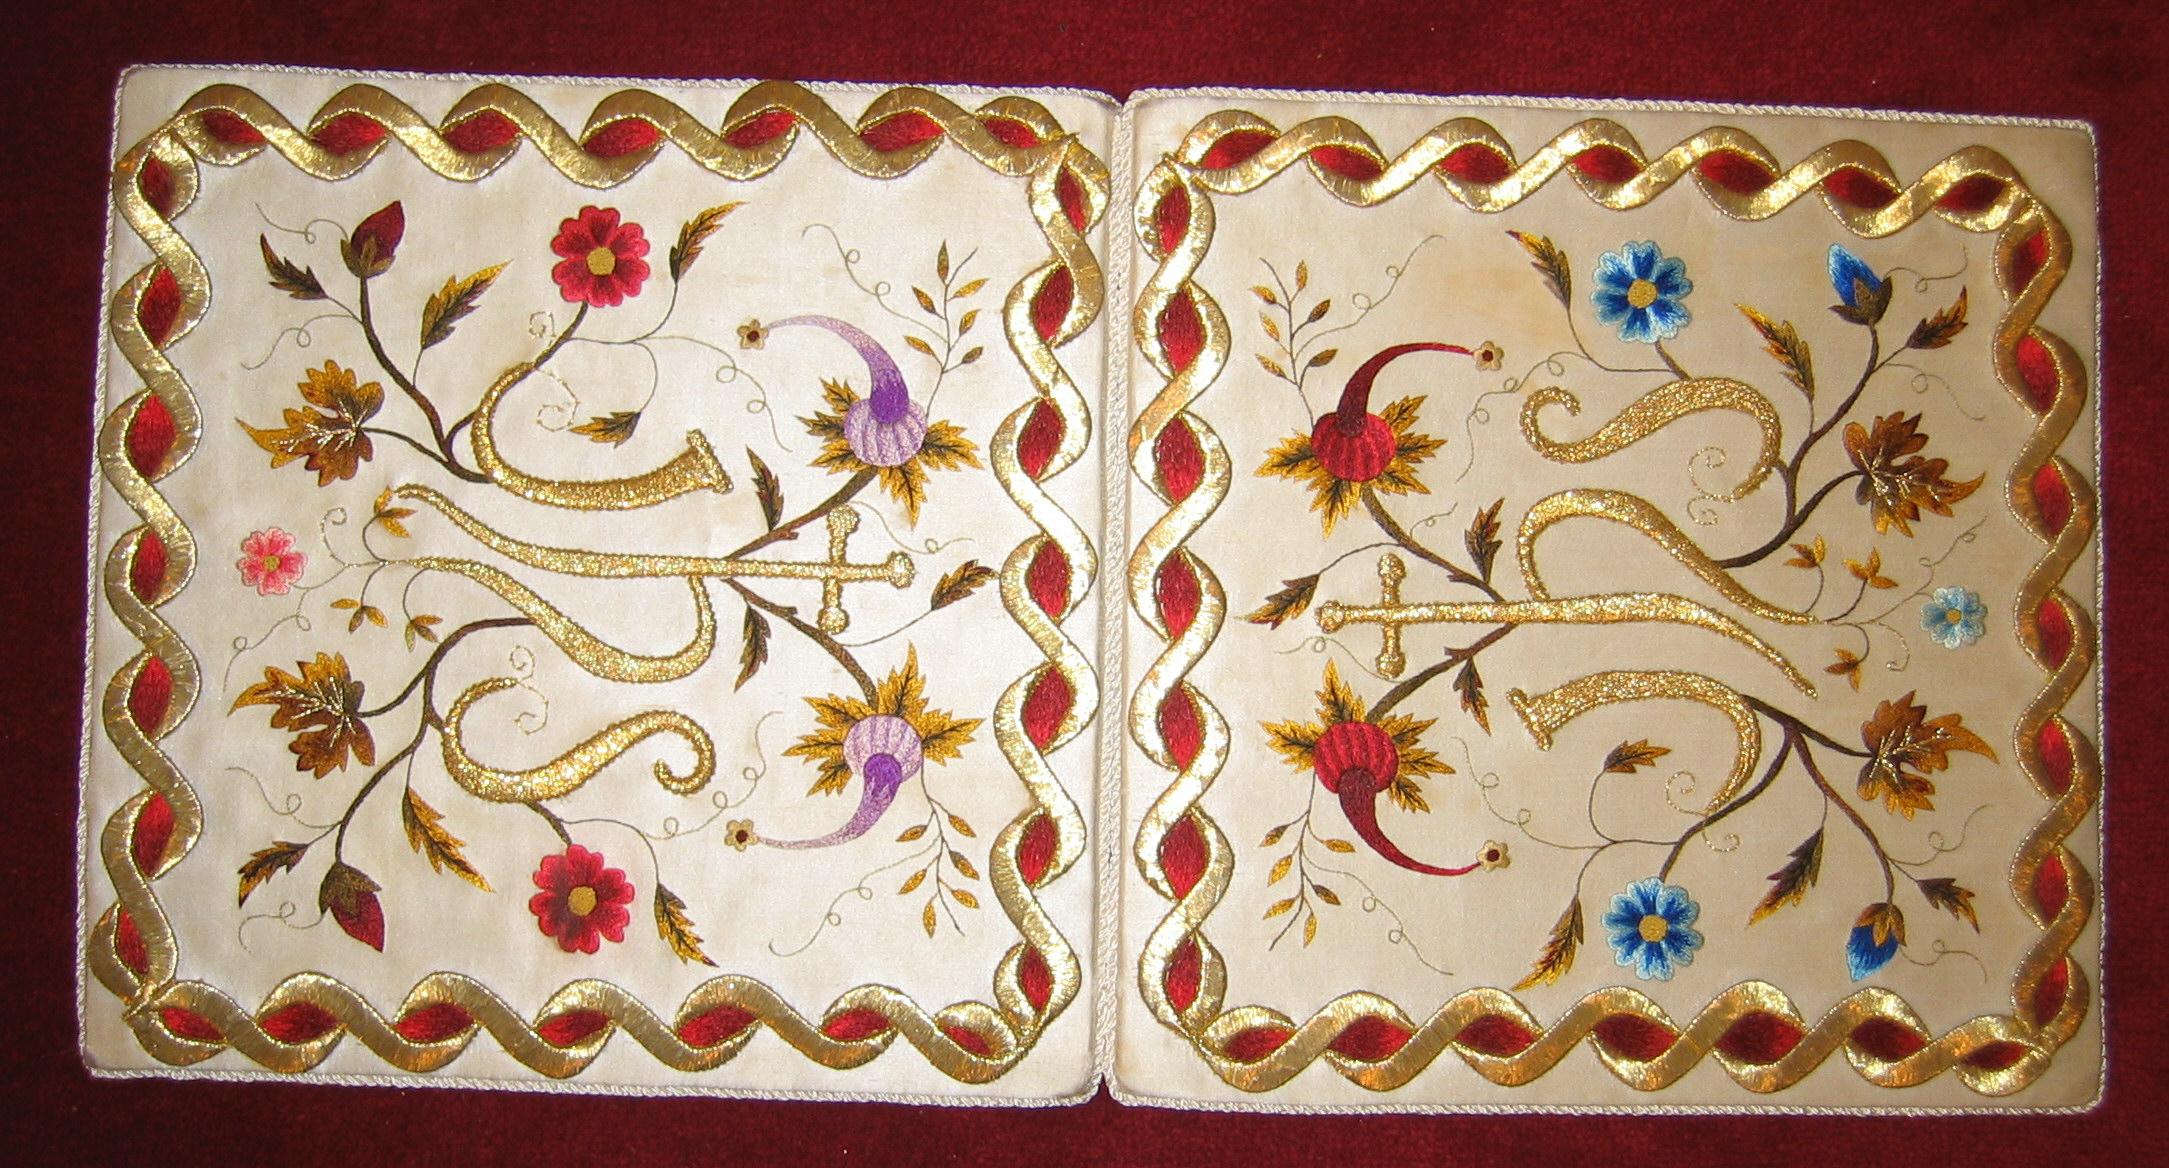 Portacorporales de las MM Carmelitas Descalzas de Murguía